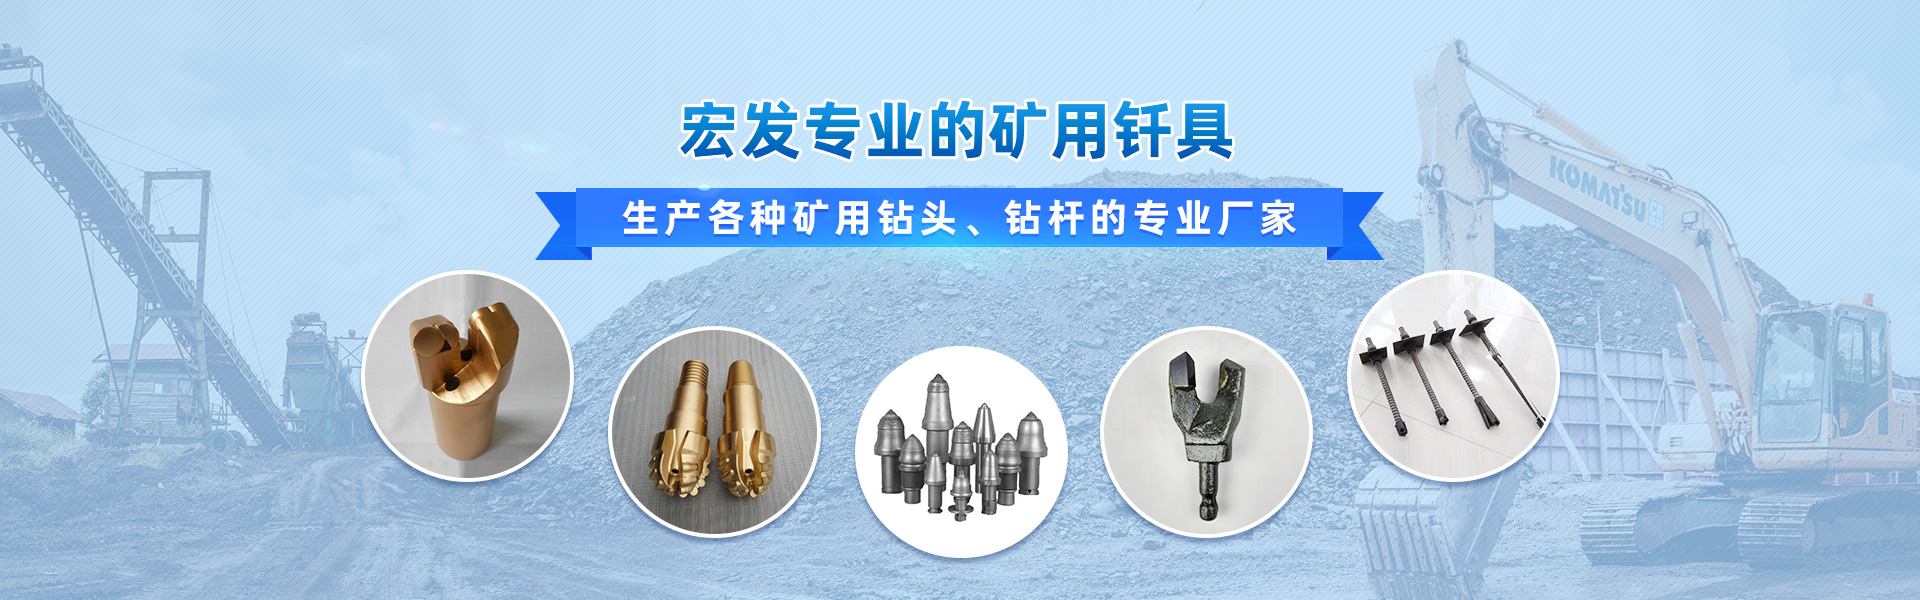 金刚石复合片钻头,pdc钻头